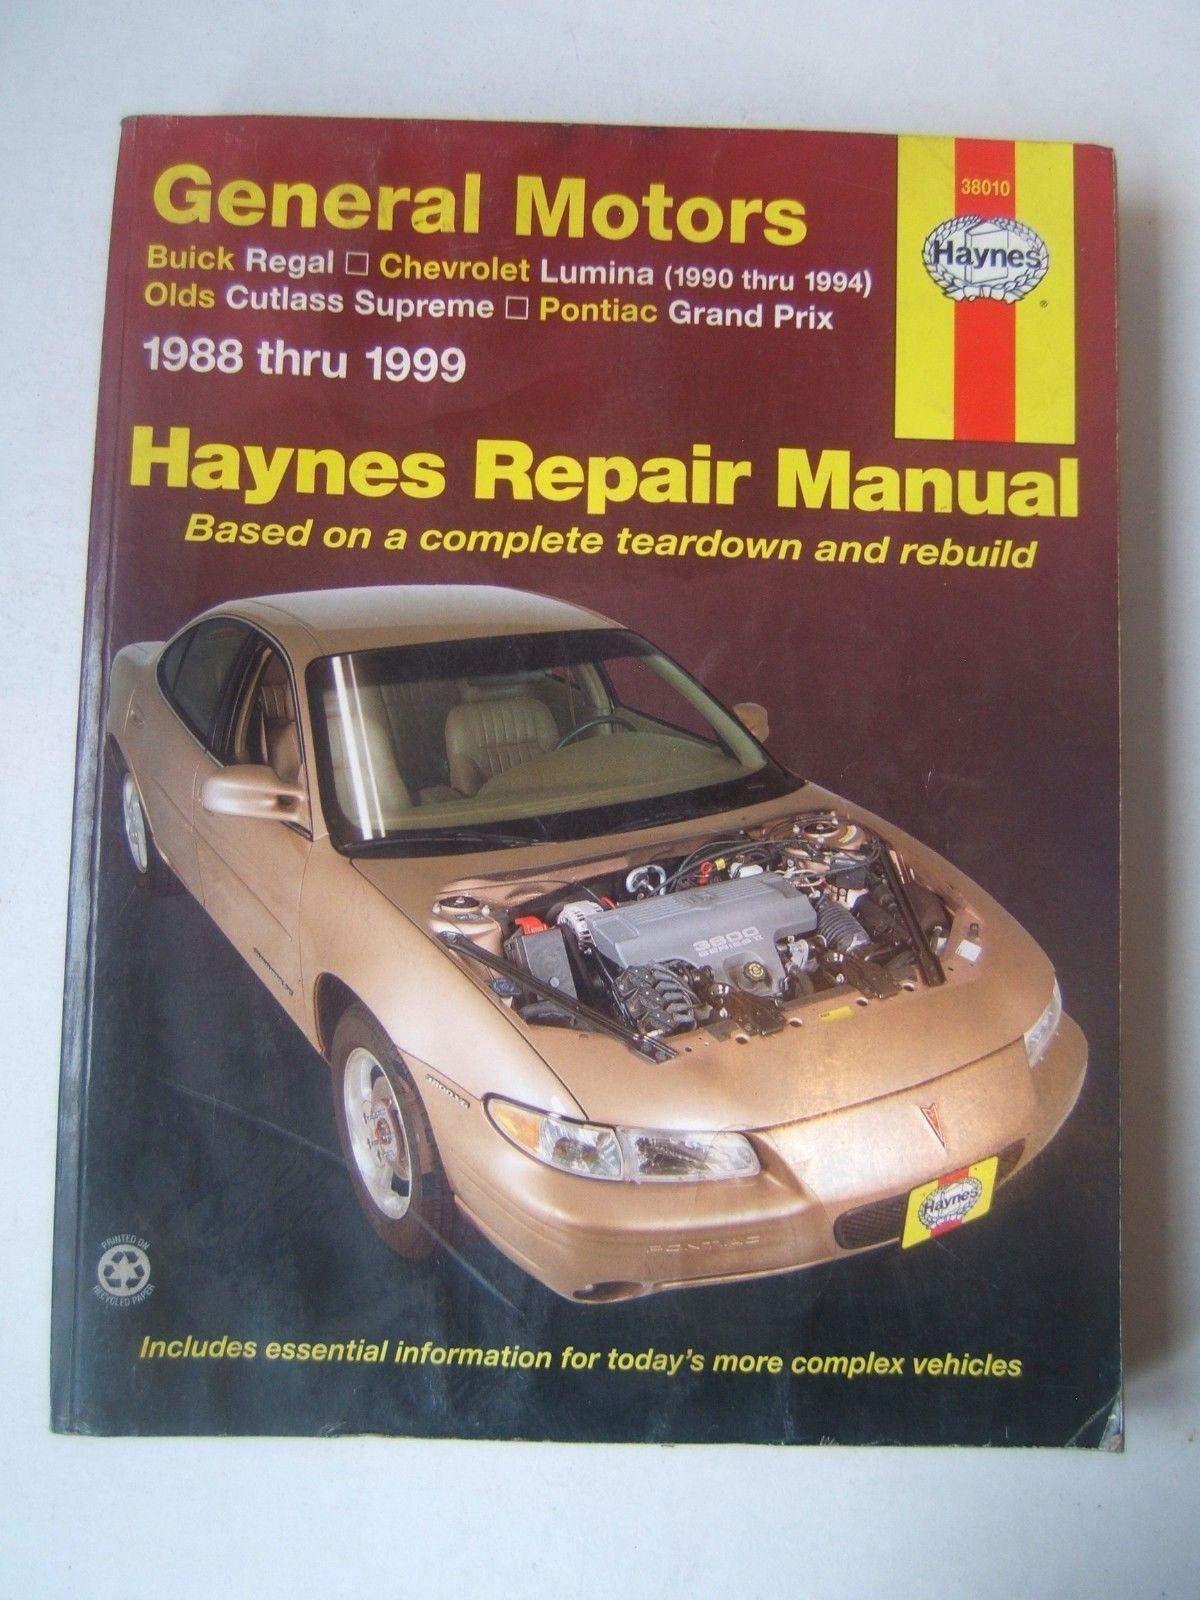 General Motors Buick Chevrolet Olds Pontiac Haynes Manual 1988-1999 Shop  Used